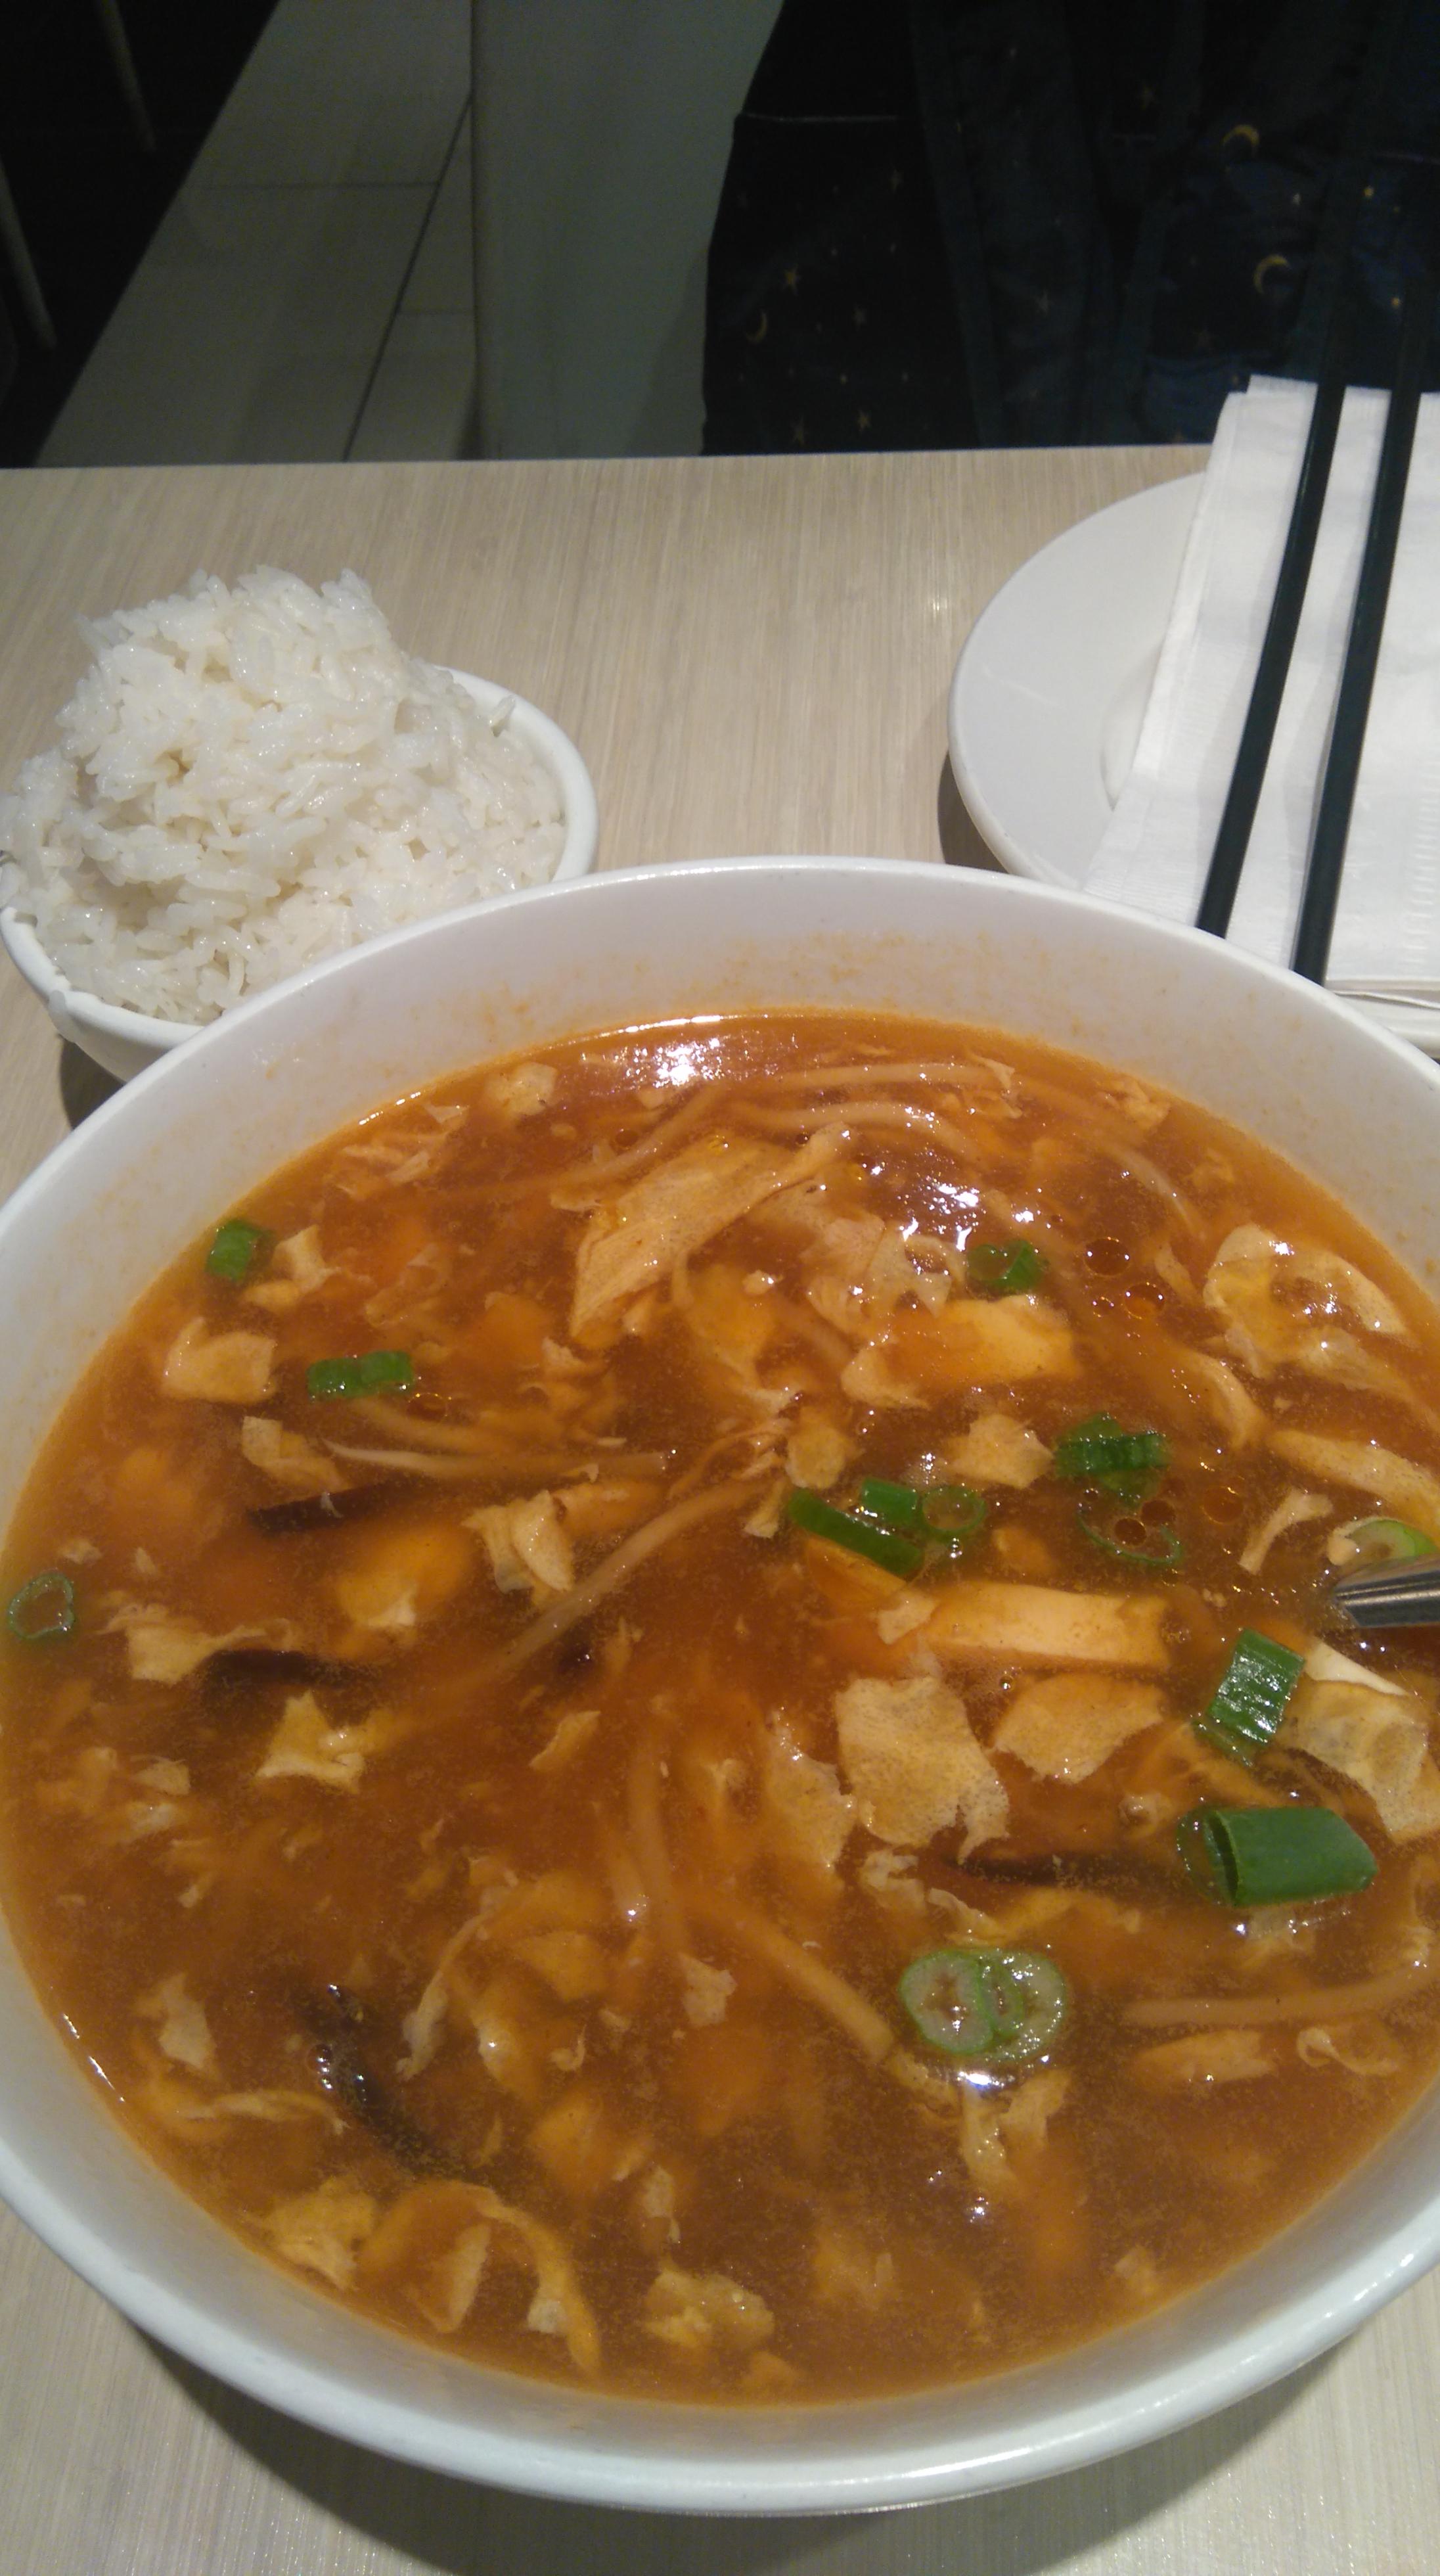 写真はRue Sainte Catherineにある、四川料理のお店の酸辣湯。小(1人前は)2.99ドルで、大(5〜6人分)が6.99ドル。で、大きい方を頼んで、食べきればいない分は持ち帰った。合わせて頼んだご飯の小の盛りに愛を感じる(笑)マレーシアでは、中華料理でもタイ米のようなロンググレイン系の米をつけるのだが、ここモントリオールの中華は、日本と同じジャポニカ米なのが、私にとっての小さな幸せだ。さすが学生に人気のあるお店。美味しくて量が多い。ちょっときつめの風邪をひいてしまった時に、なぜか無性に食べたくなった。自分が何人なのか、わからなくなる一瞬だ。食べたら風邪が治ったのがすごいけど。